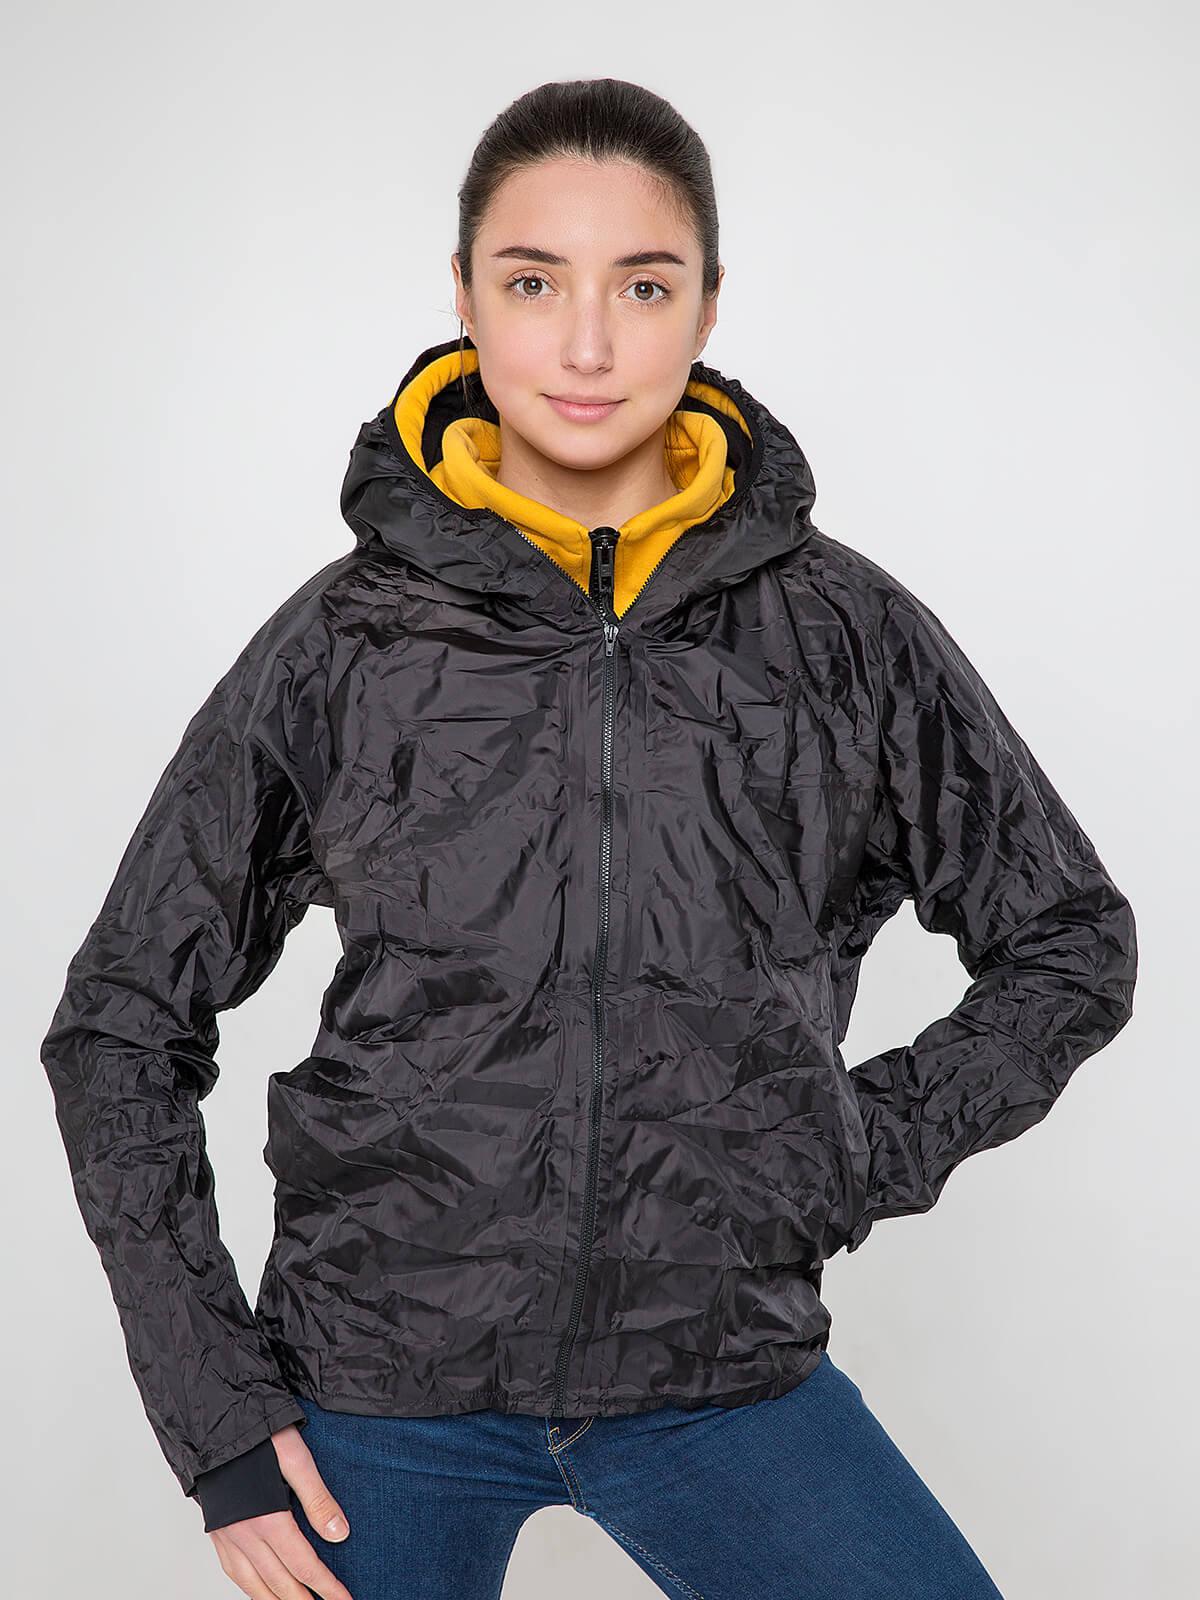 Жіноче Худі Syla. Колір жовтий.  На жіночій фігурі поло виглядає просто чудово! Матеріал худі – тринитка: 77% бавовна, 23% поліефір.